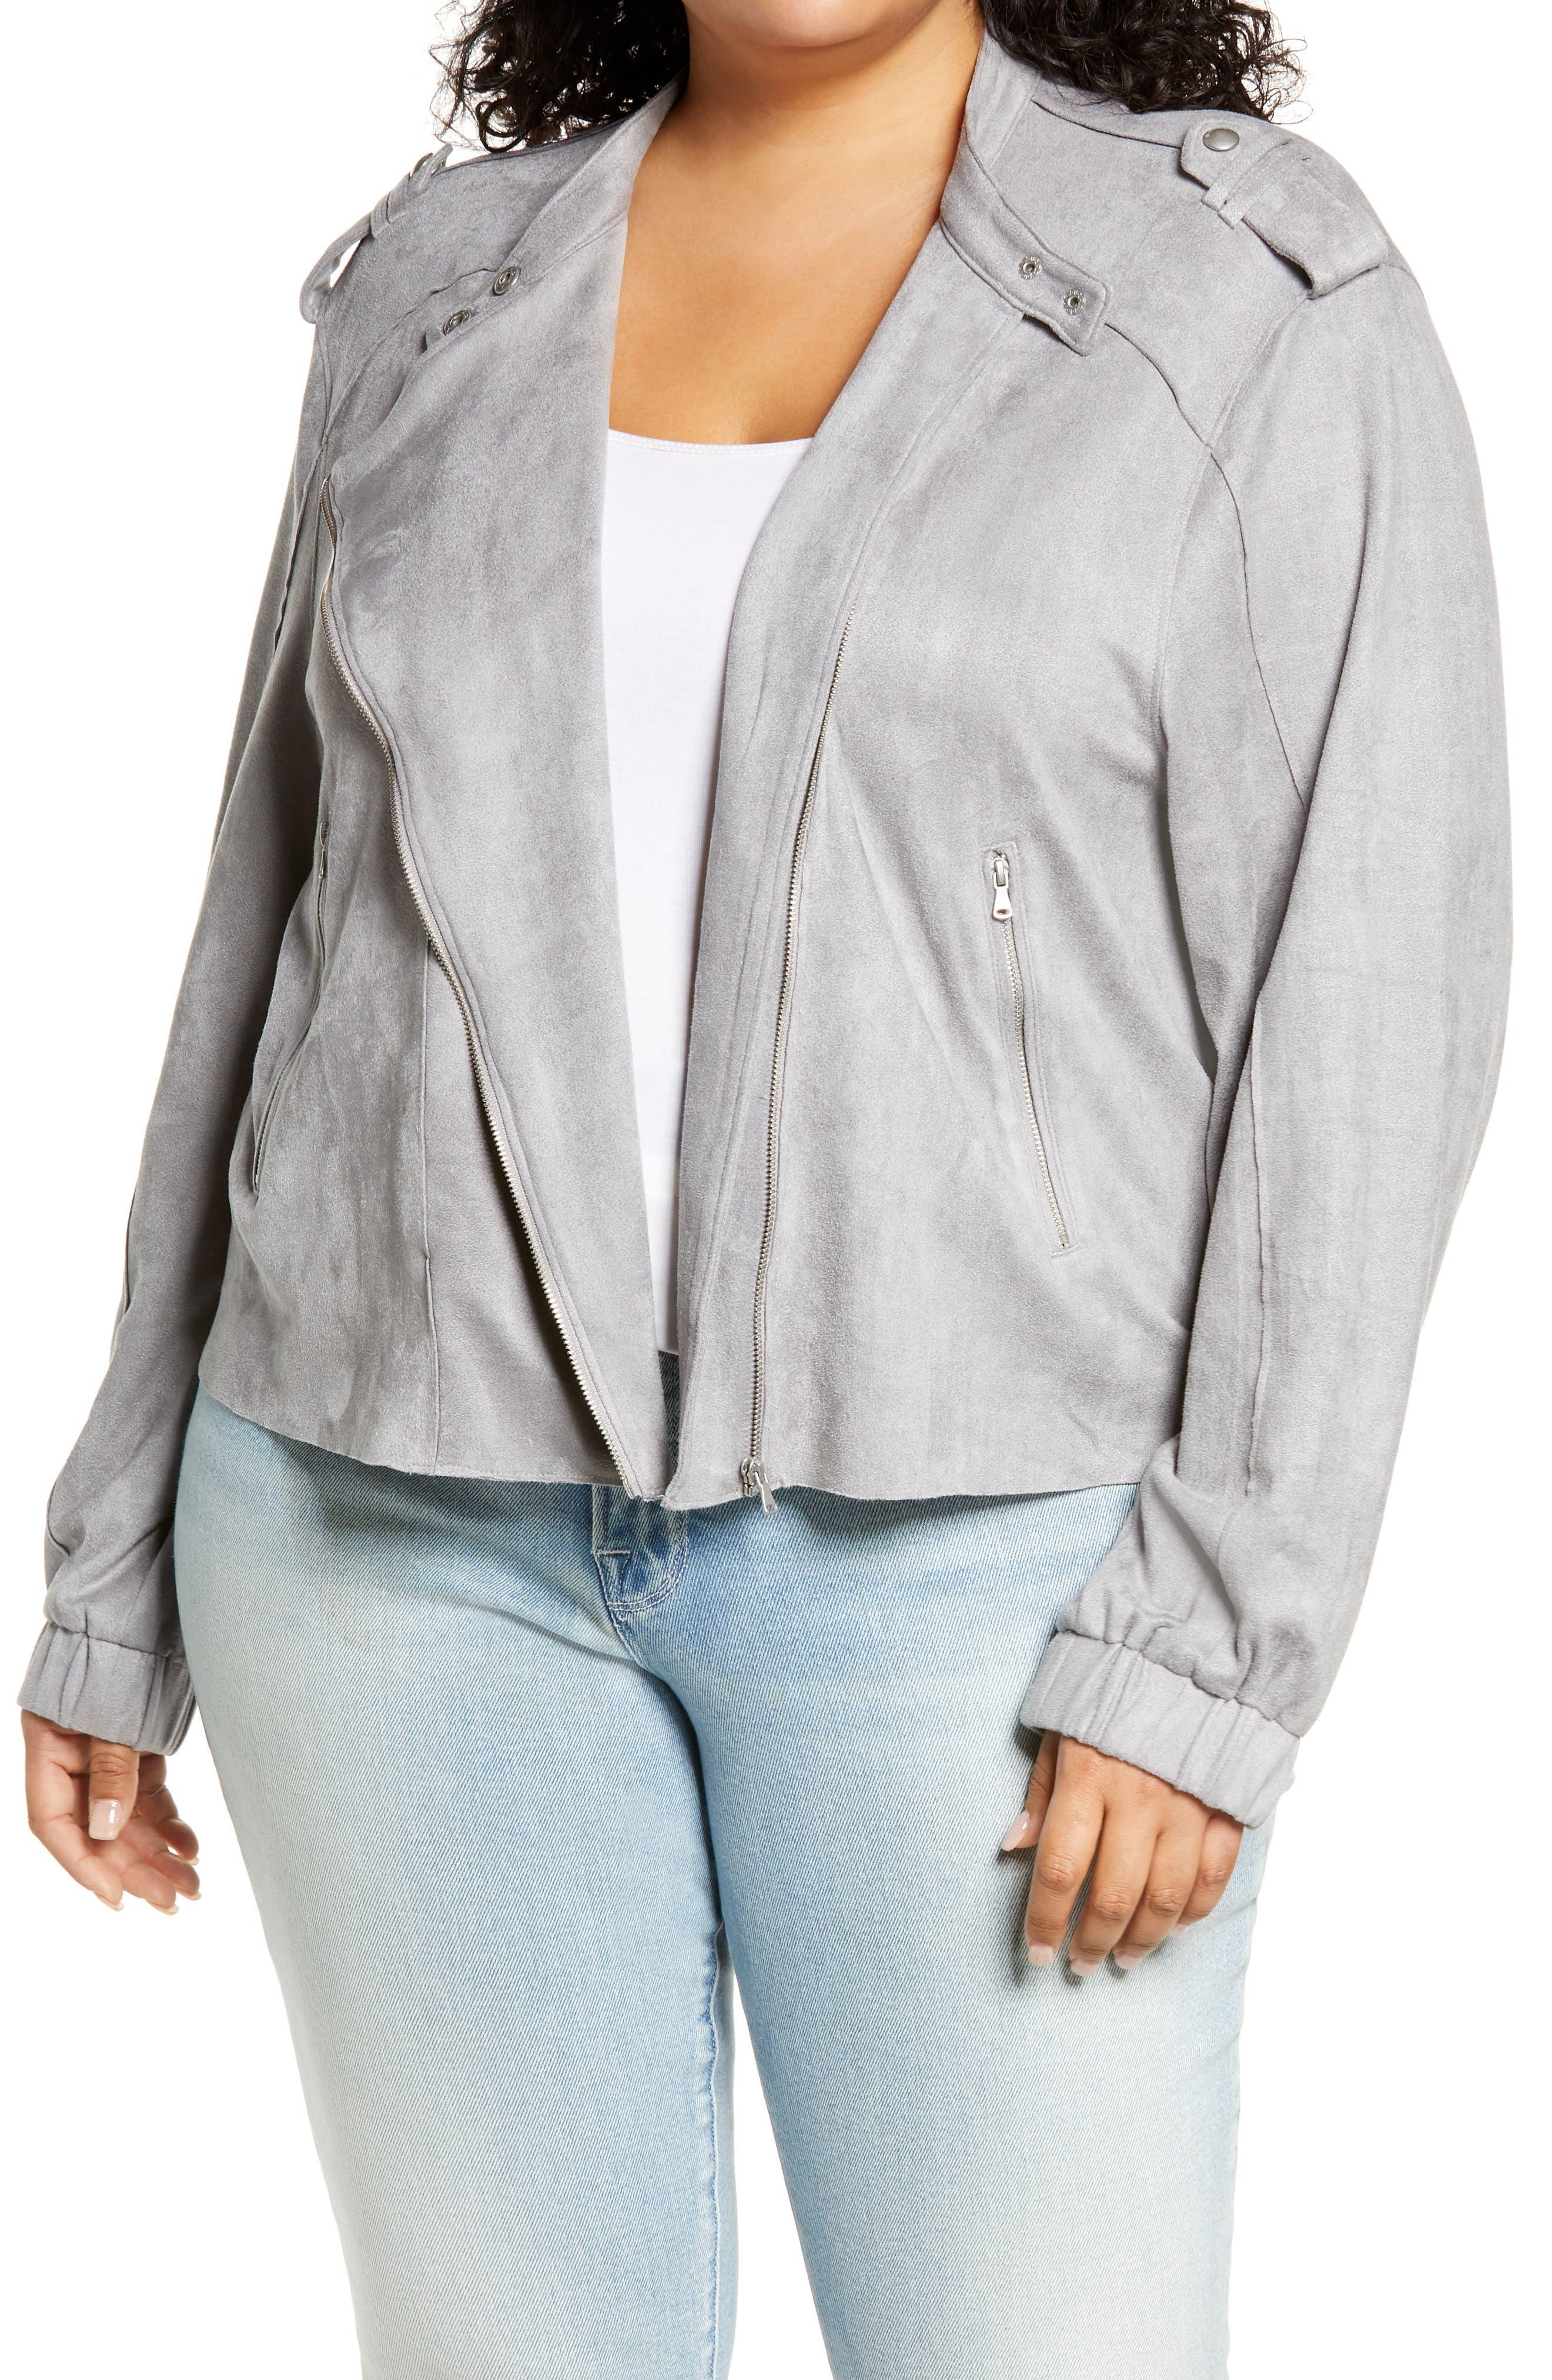 Plus Size Women's Blanknyc Faux Suede Moto Jacket, Size 1X - Grey